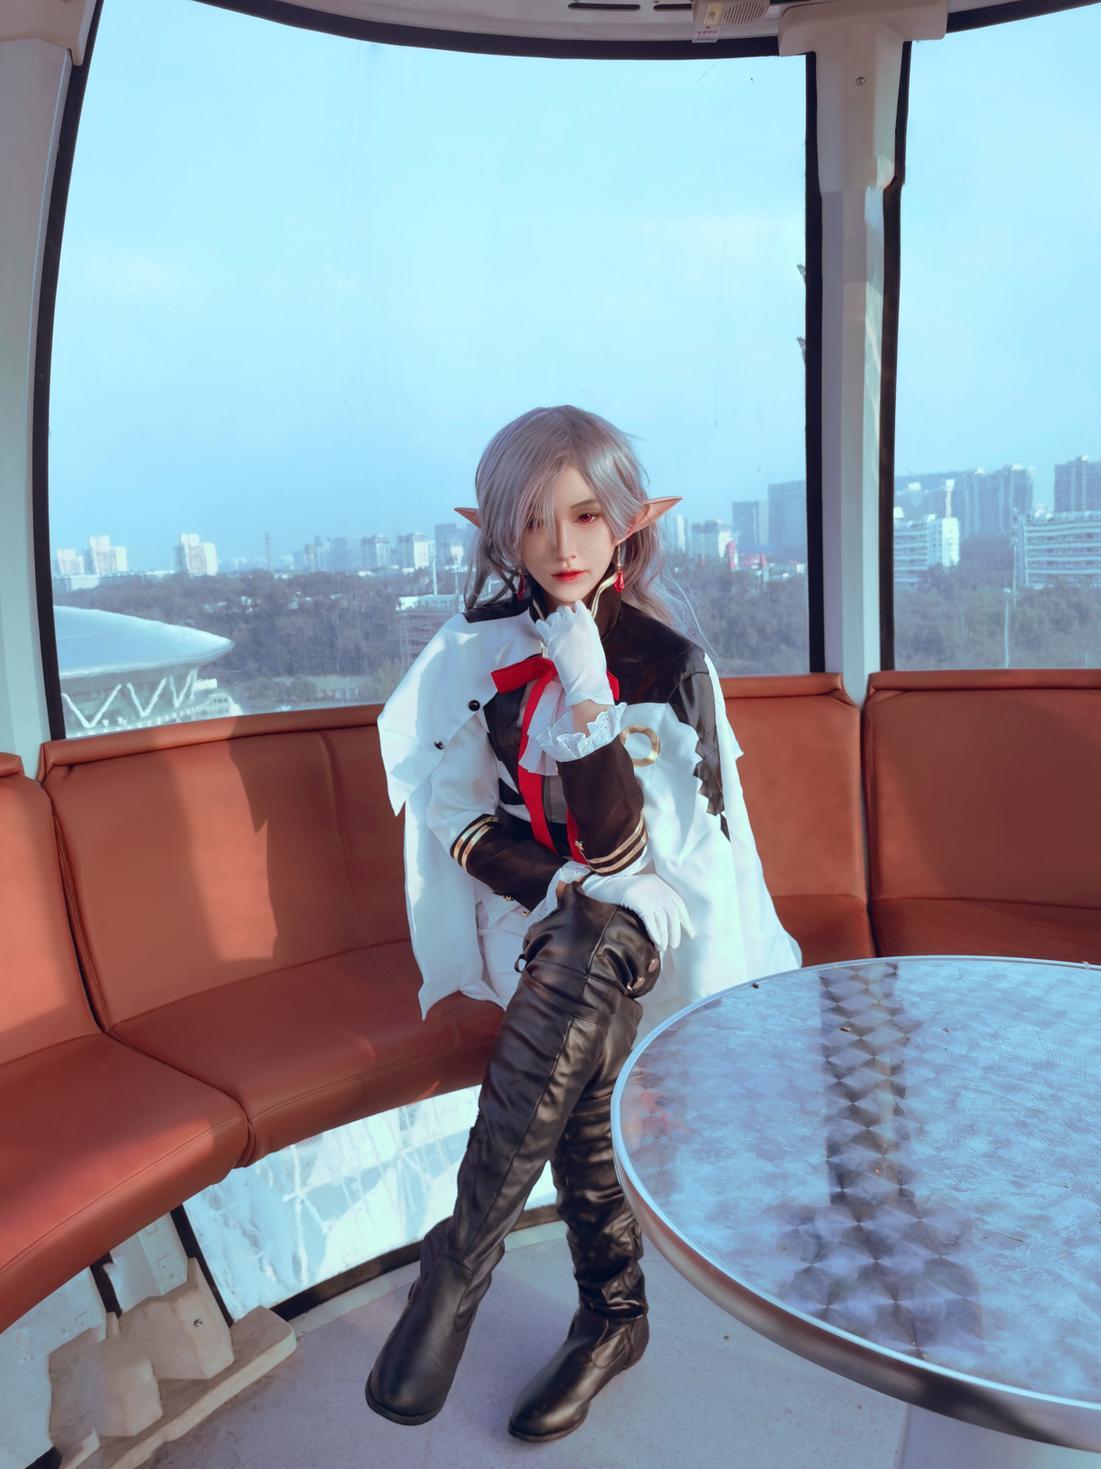 《终结的炽天使》终结的炽天使费娘cosplay【CN:君莫笑笑笑笑笑啊】-第4张